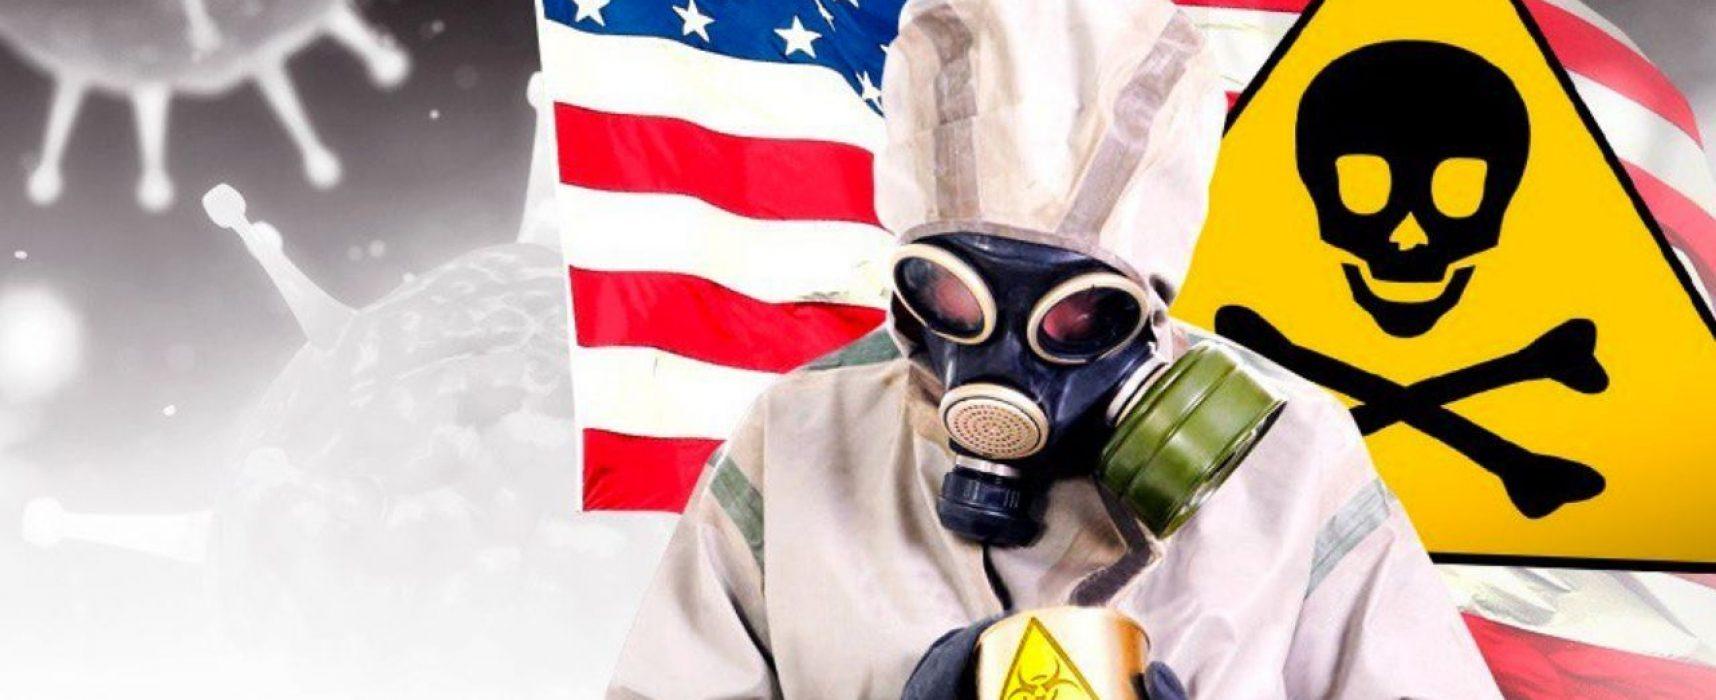 Fake ruských médií: USA přiznaly existenci tajných laboratoří na Ukrajině a poté přiznání smazaly